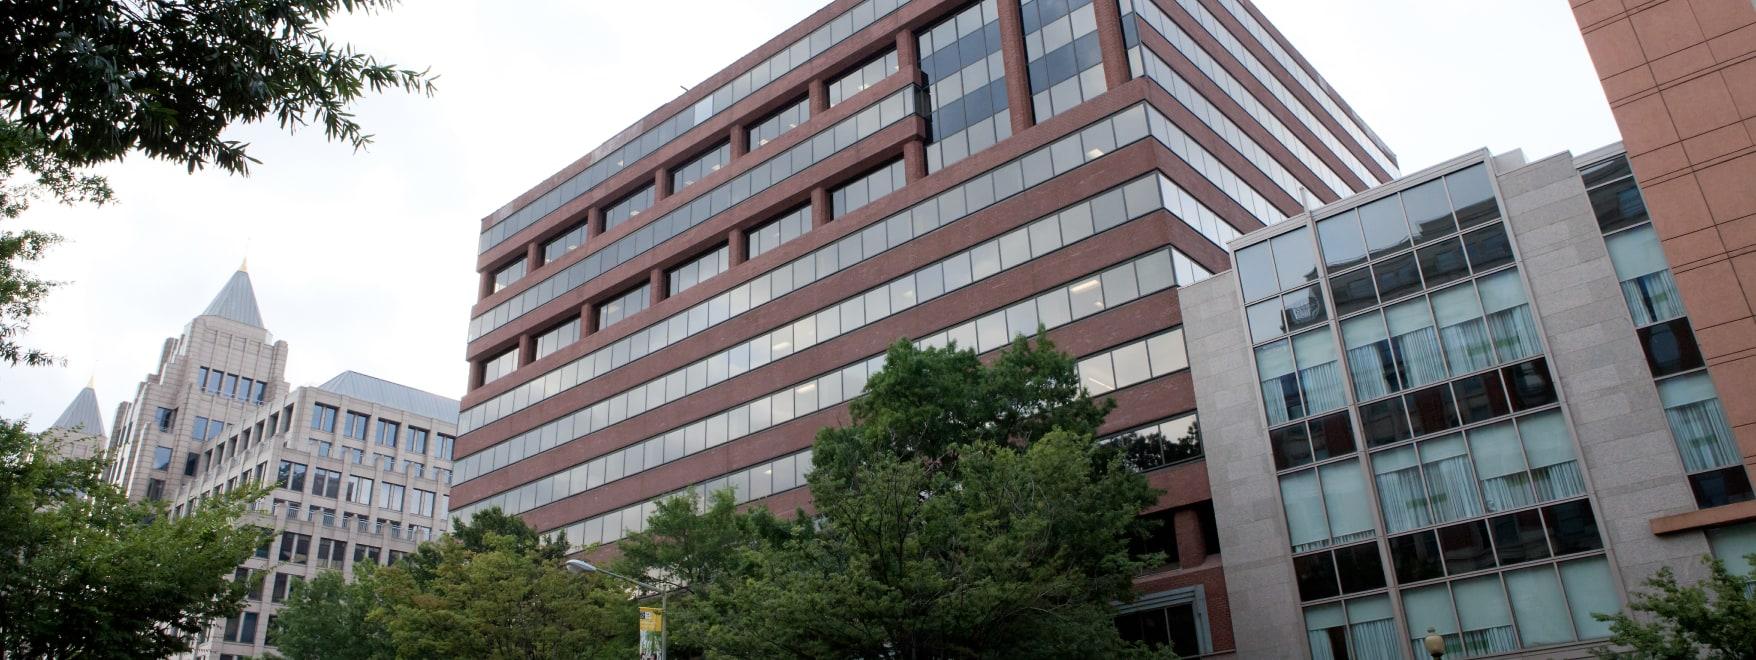 Washington D.C. Data Center (DC1)